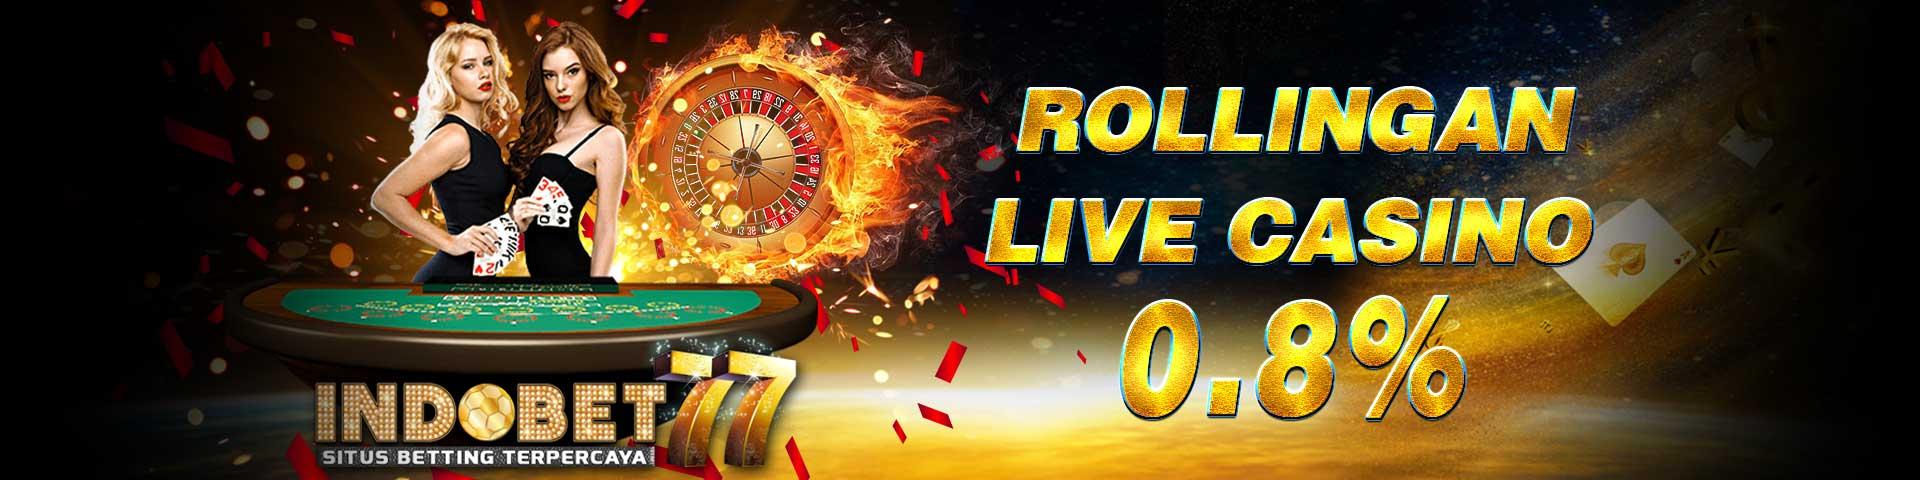 promo rollingan terbesar live casino online agen judi online